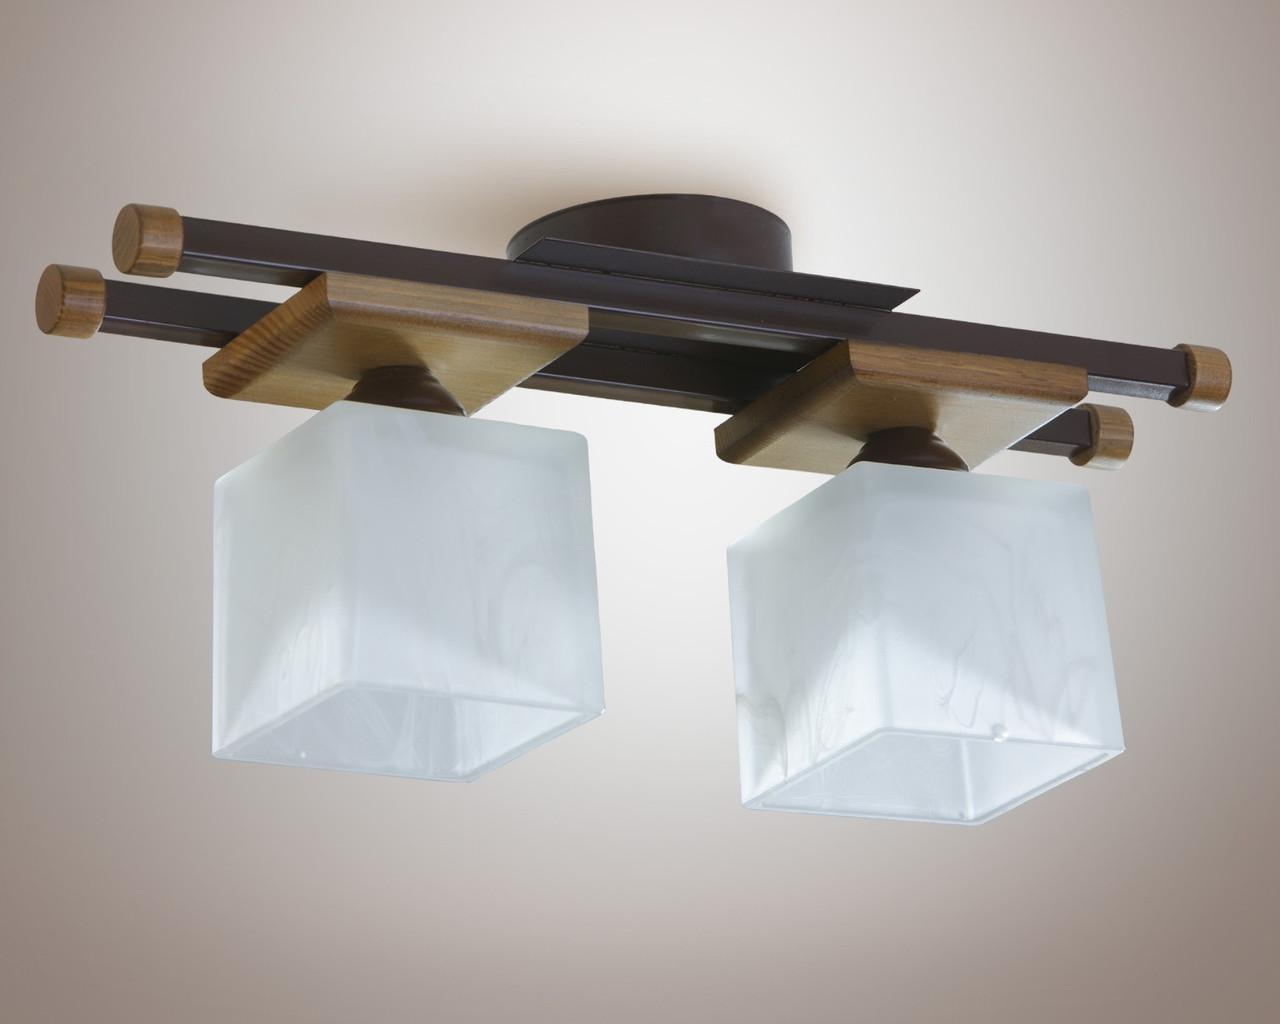 Люстра 2-х лампова, металева, дерево, кухня, коридор 14622-2